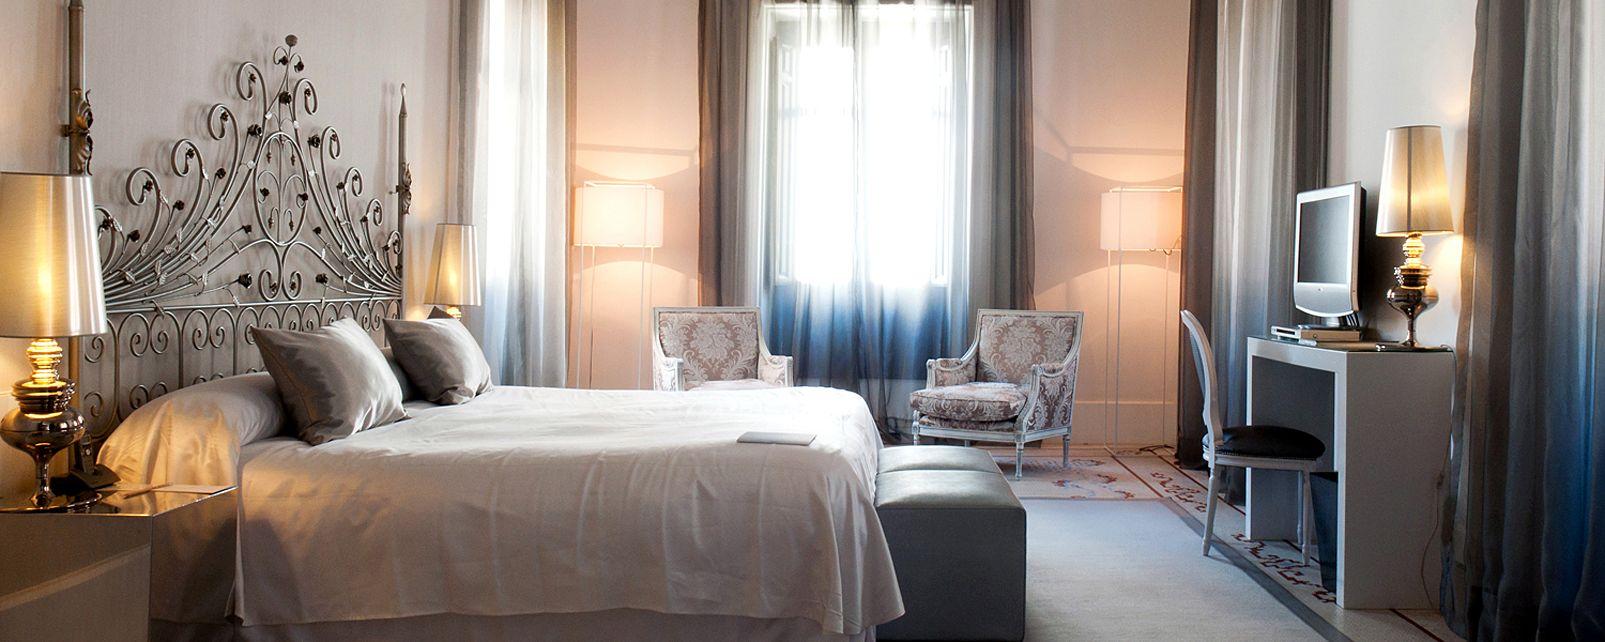 Hôtel Hospes Palacio de los Patos